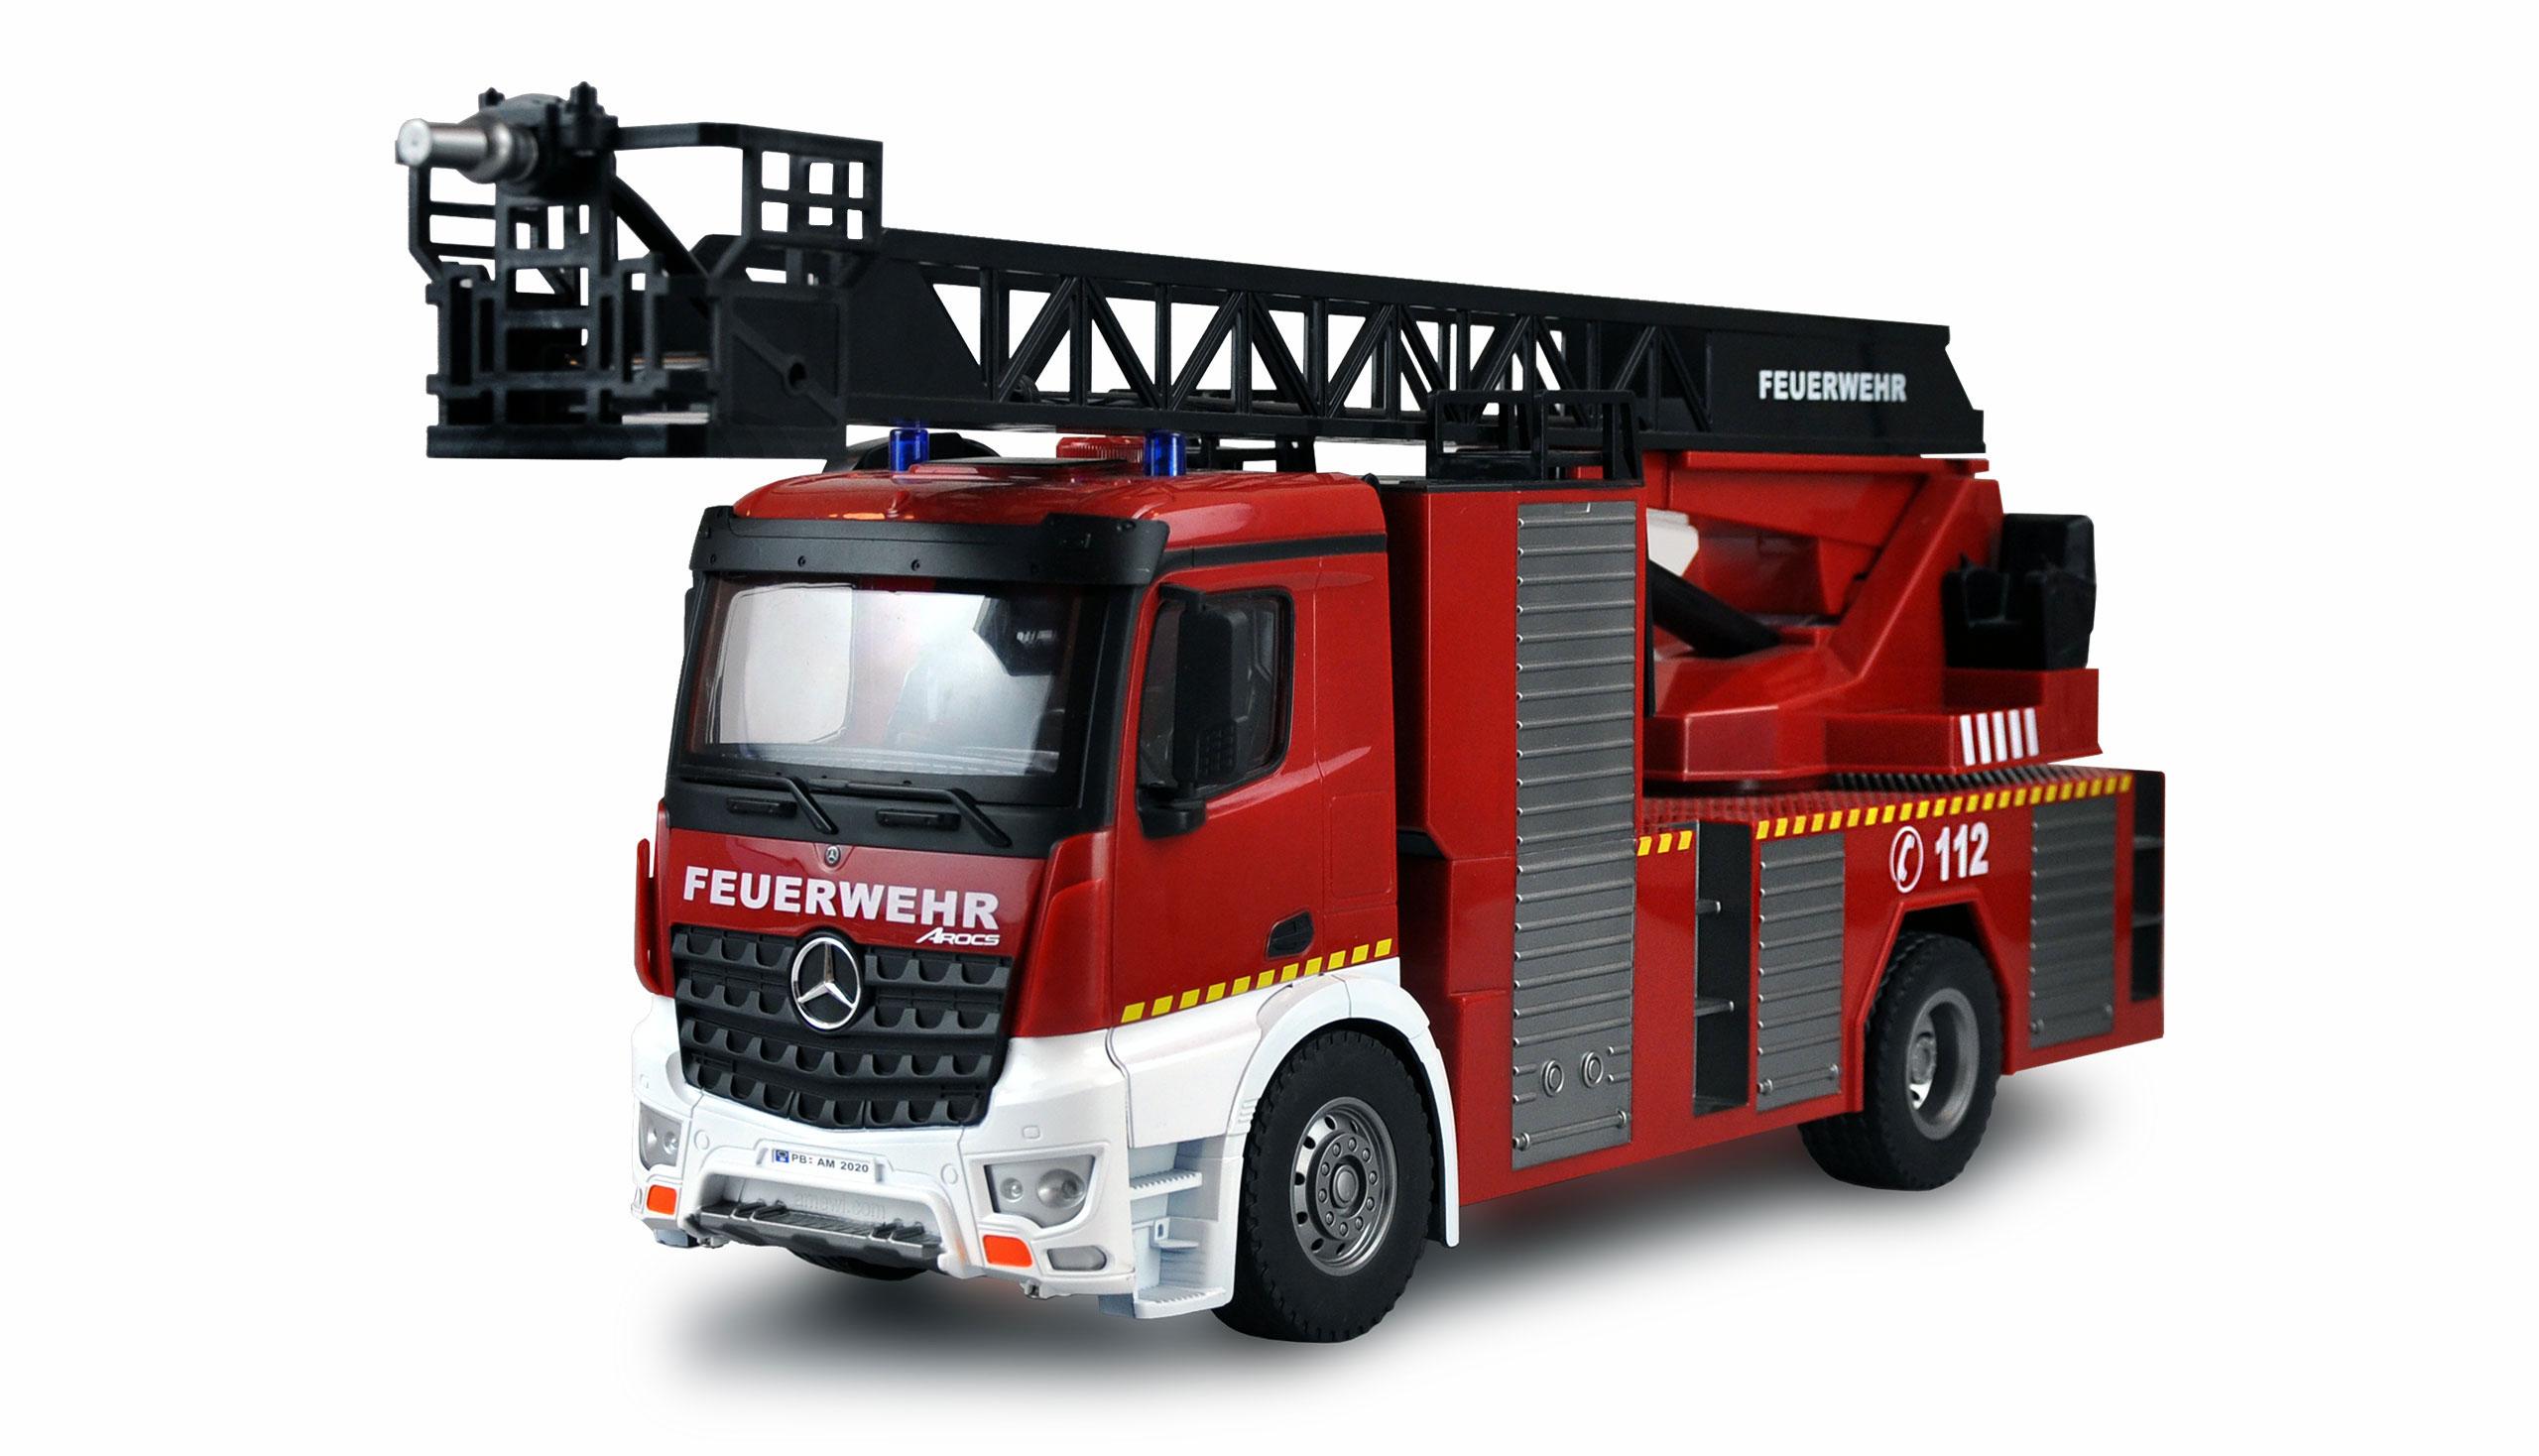 Vorschau: Amewi 22502 - Feuerwehrwagen - 1:14 - Junge/Mädchen - 8 Jahr(e) - 1200 mAh - 2,46 kg